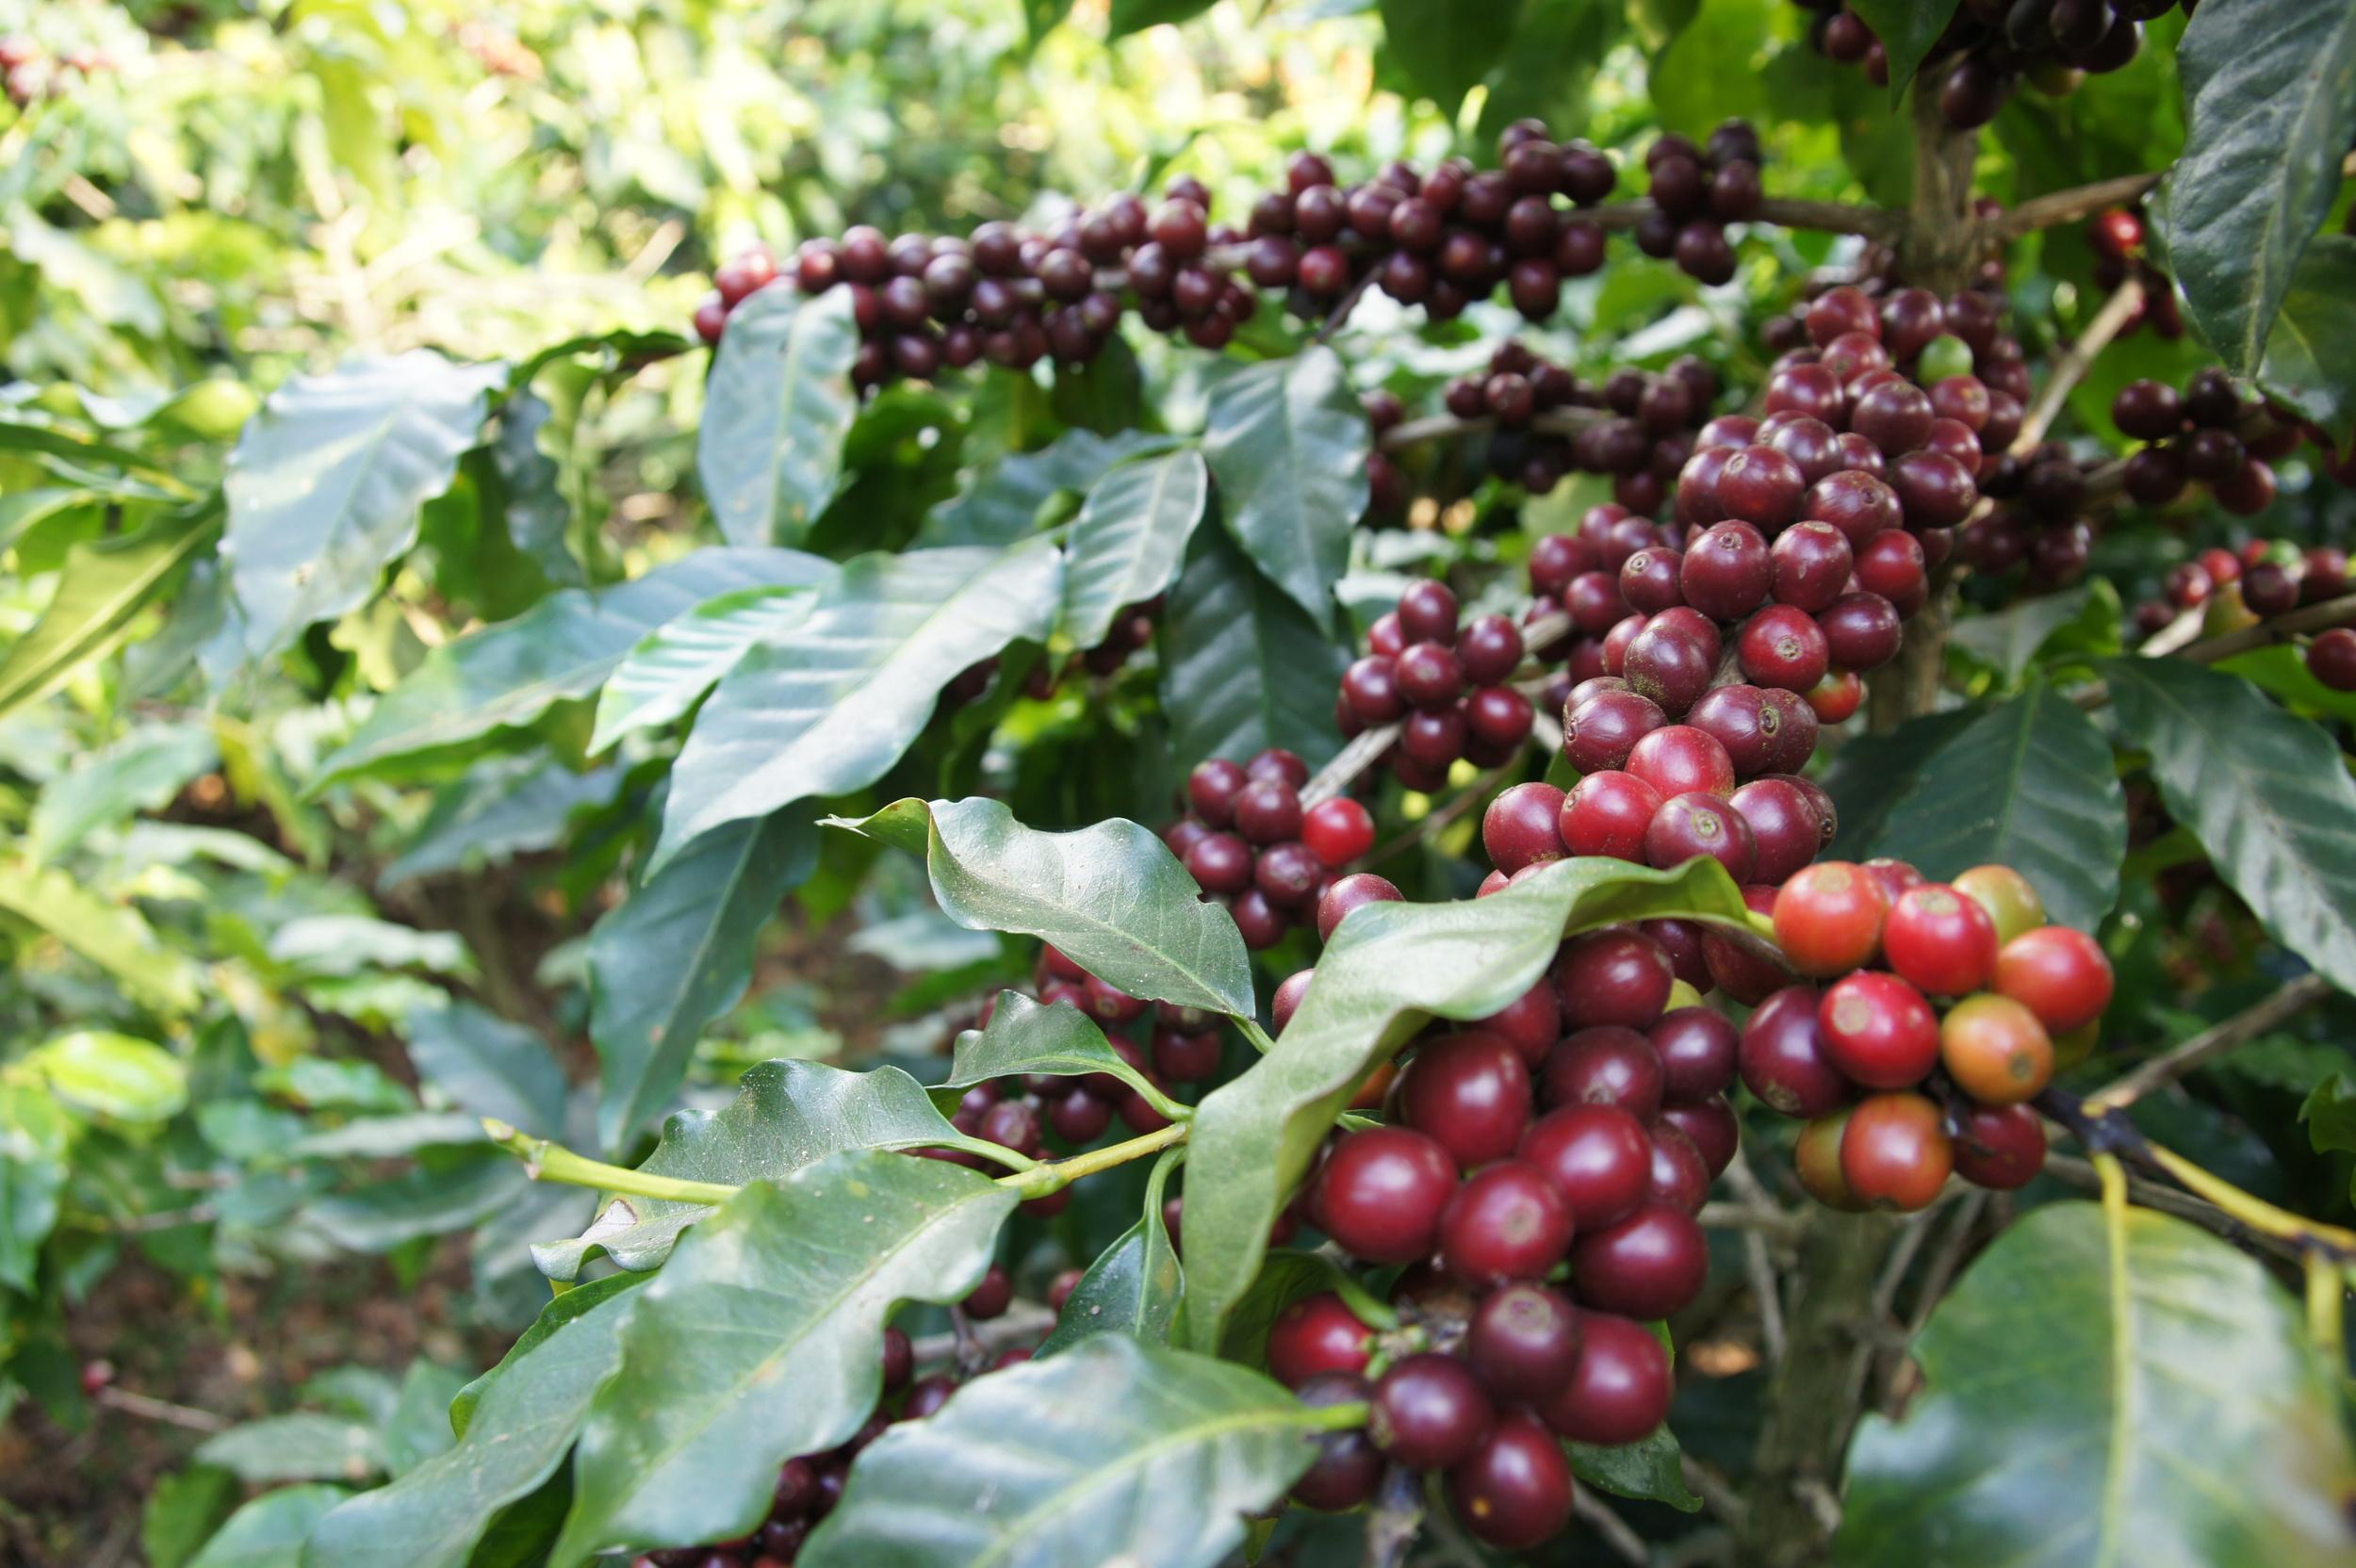 red ripe coffee cherries